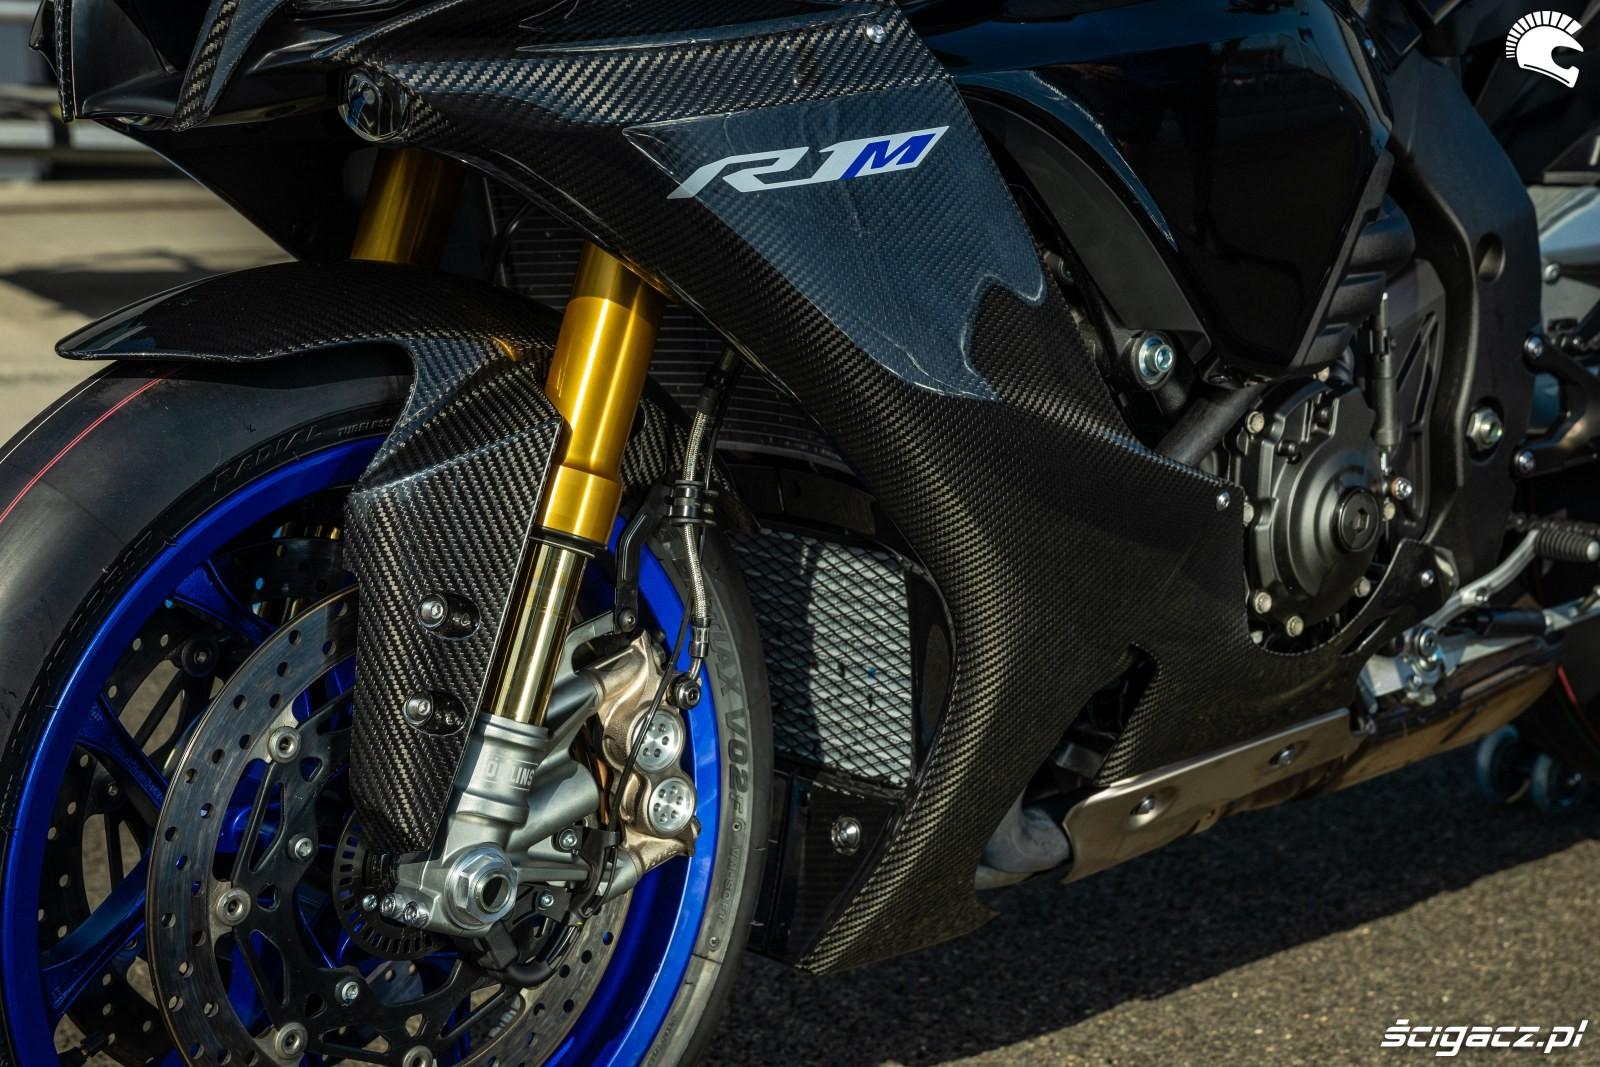 Yamaha R1 M 2020 detale 21